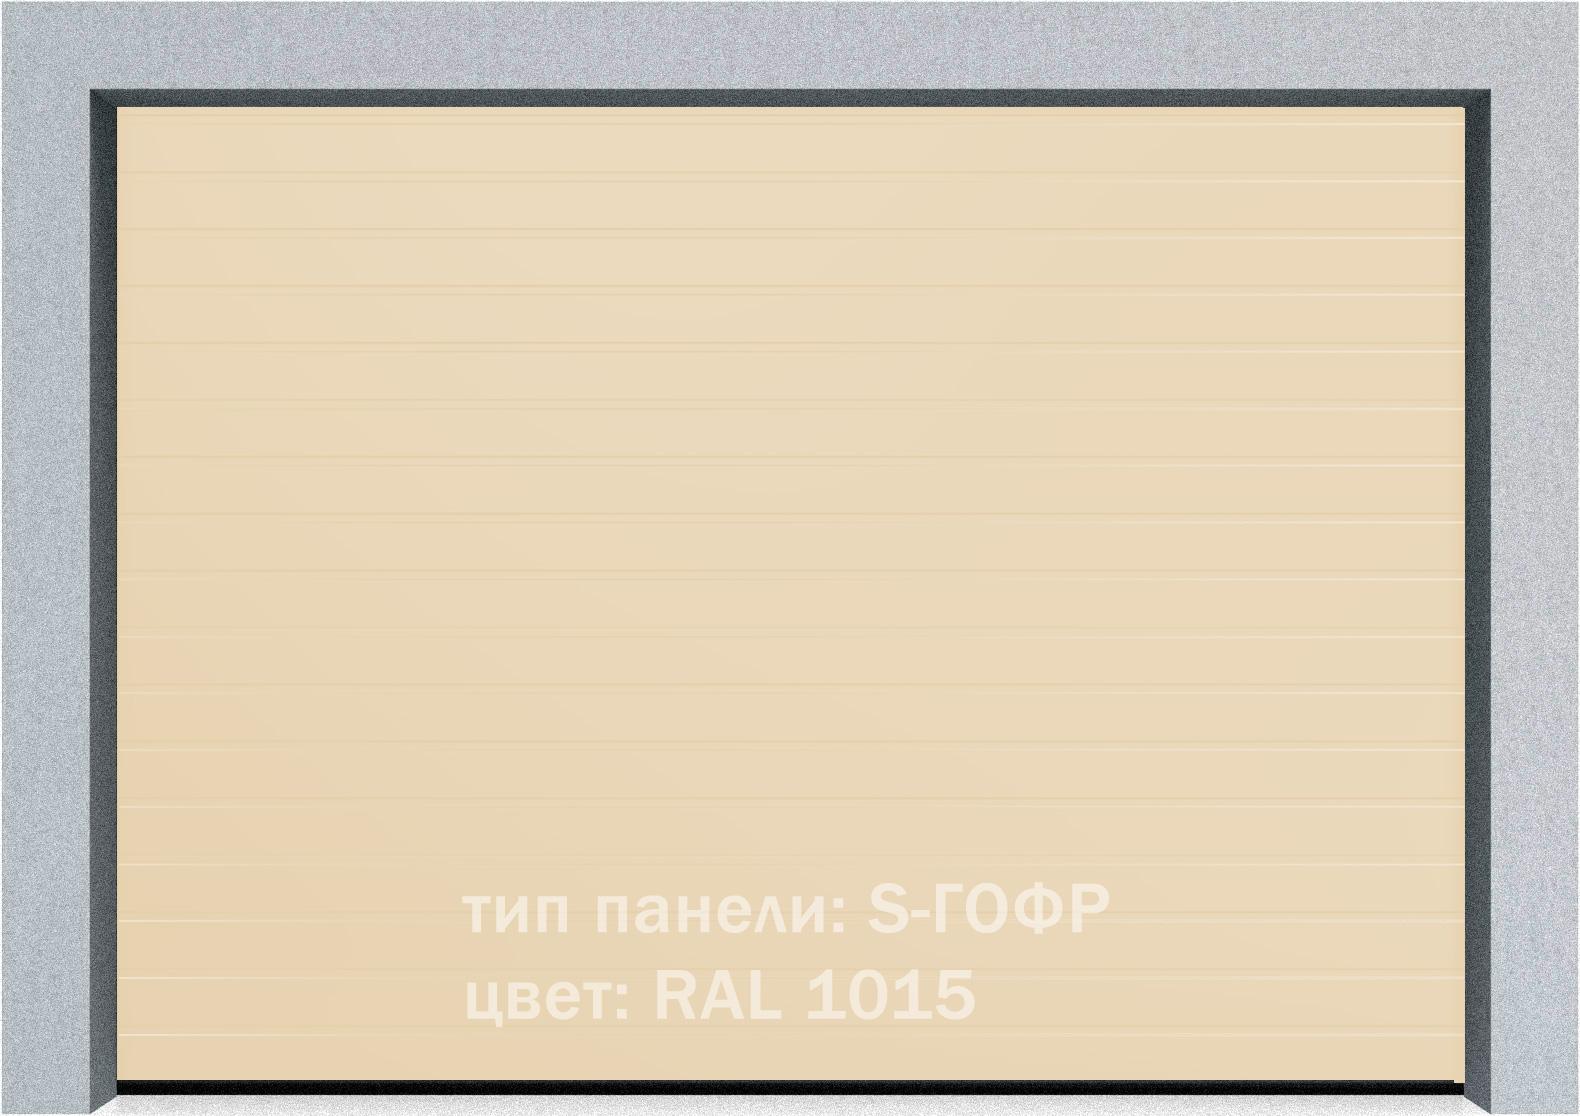 Секционные промышленные ворота Alutech ProTrend 2750х2250 S-гофр, Микроволна стандартные цвета, фото 4